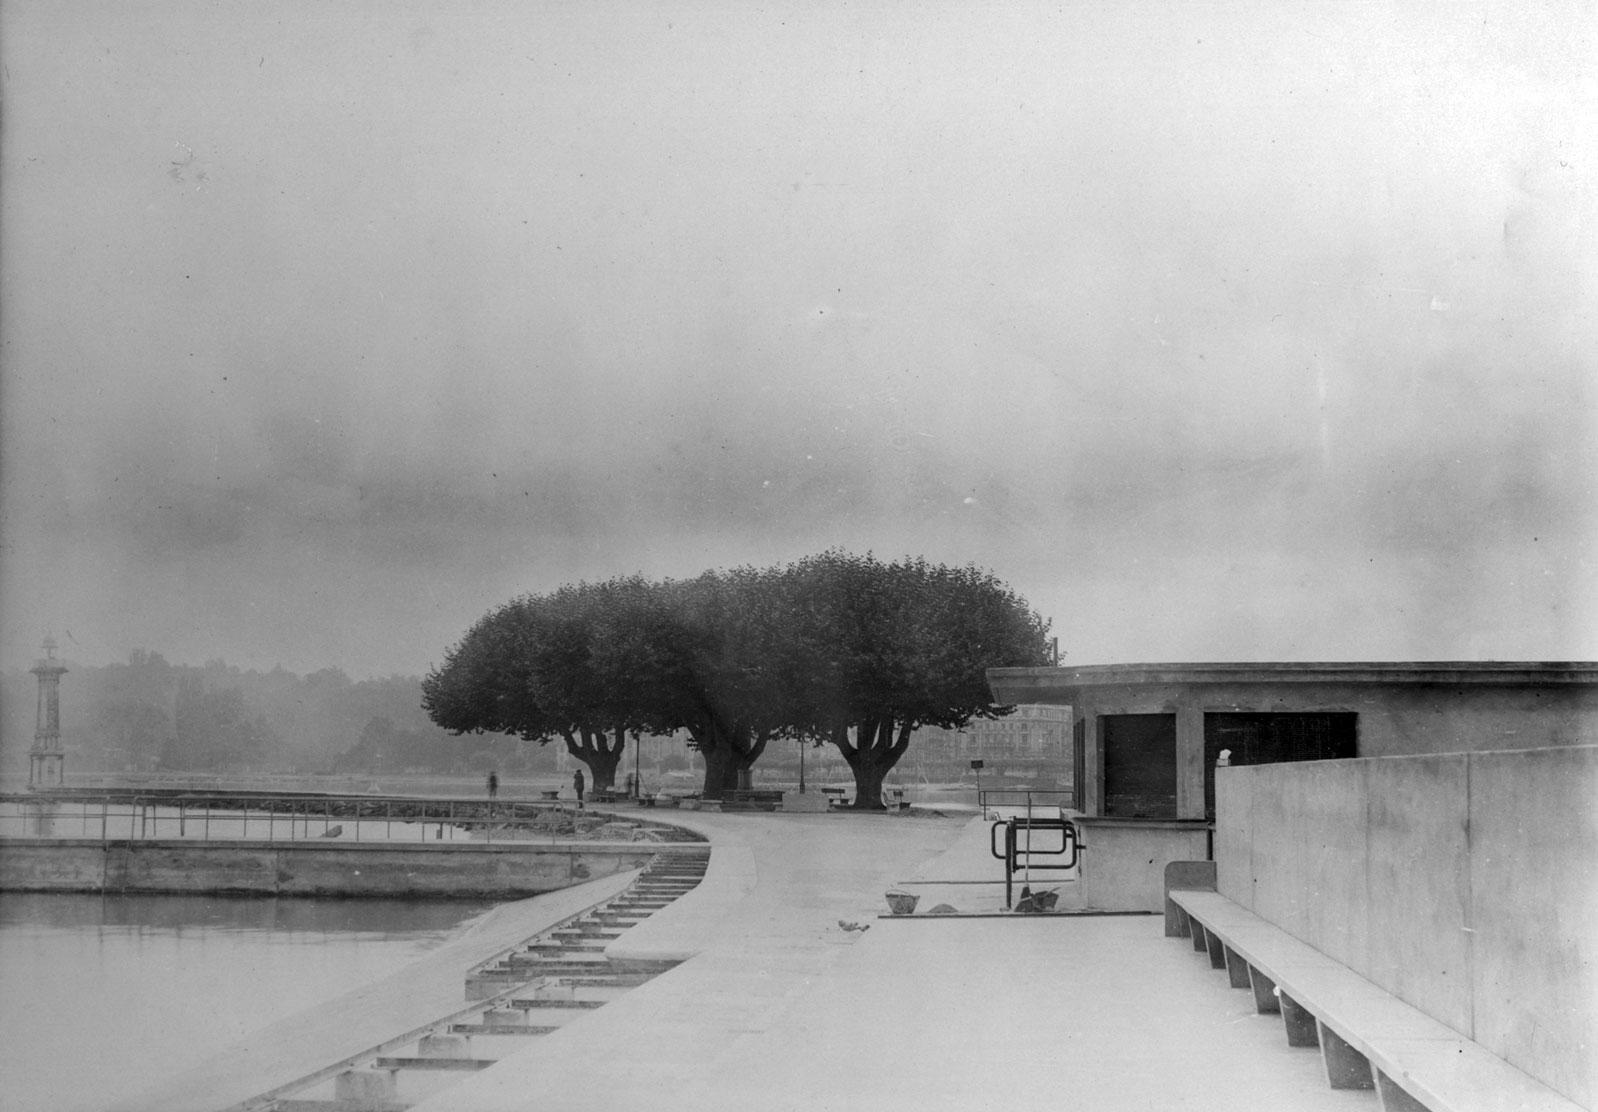 Bains des Pâquis 1932 ©Centre d'iconographie genevoise